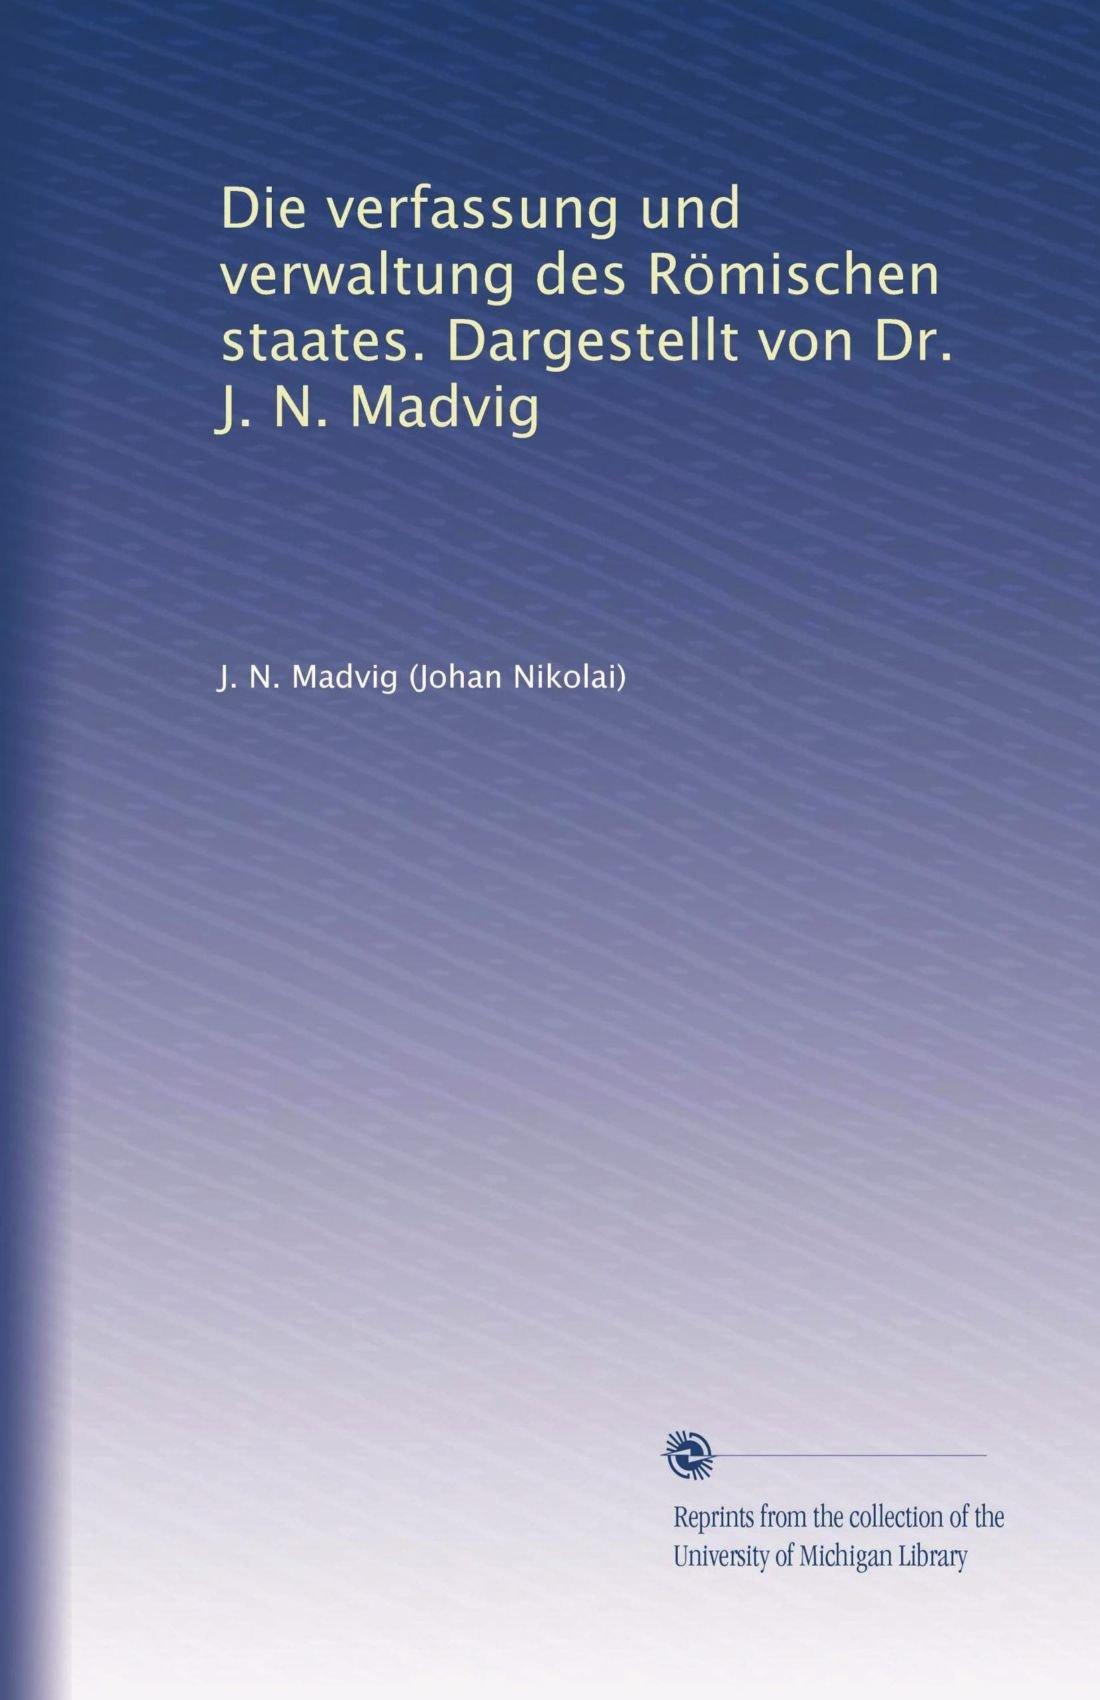 Read Online Die verfassung und verwaltung des Römischen staates. Dargestellt von Dr. J. N. Madvig (Volume 2) (German Edition) PDF